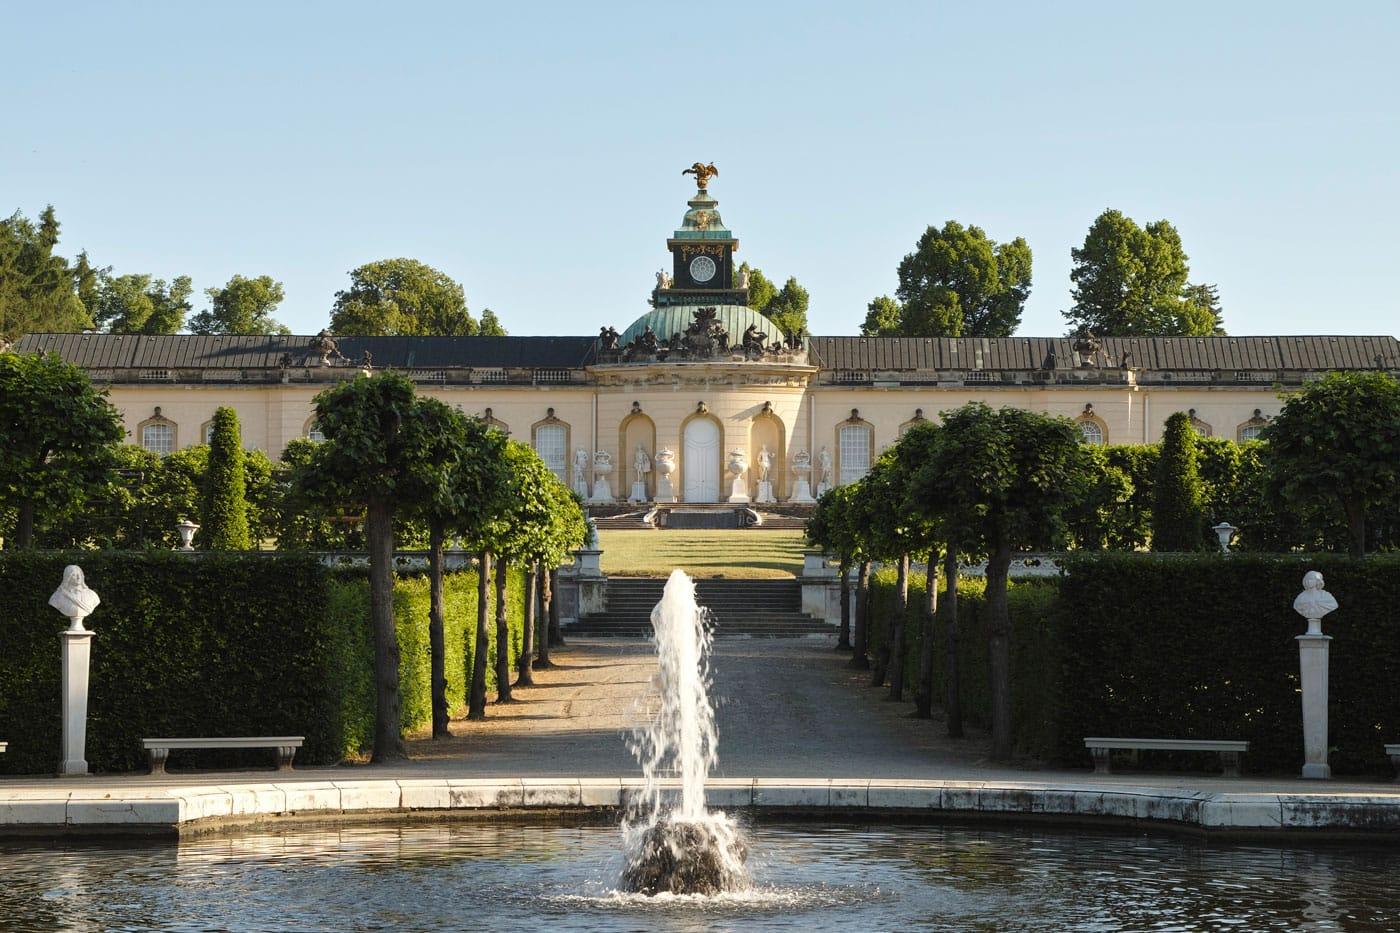 Ausflug mit Kindern nach Potsdam: Bildergalerie Sanssouci // HIMBEER